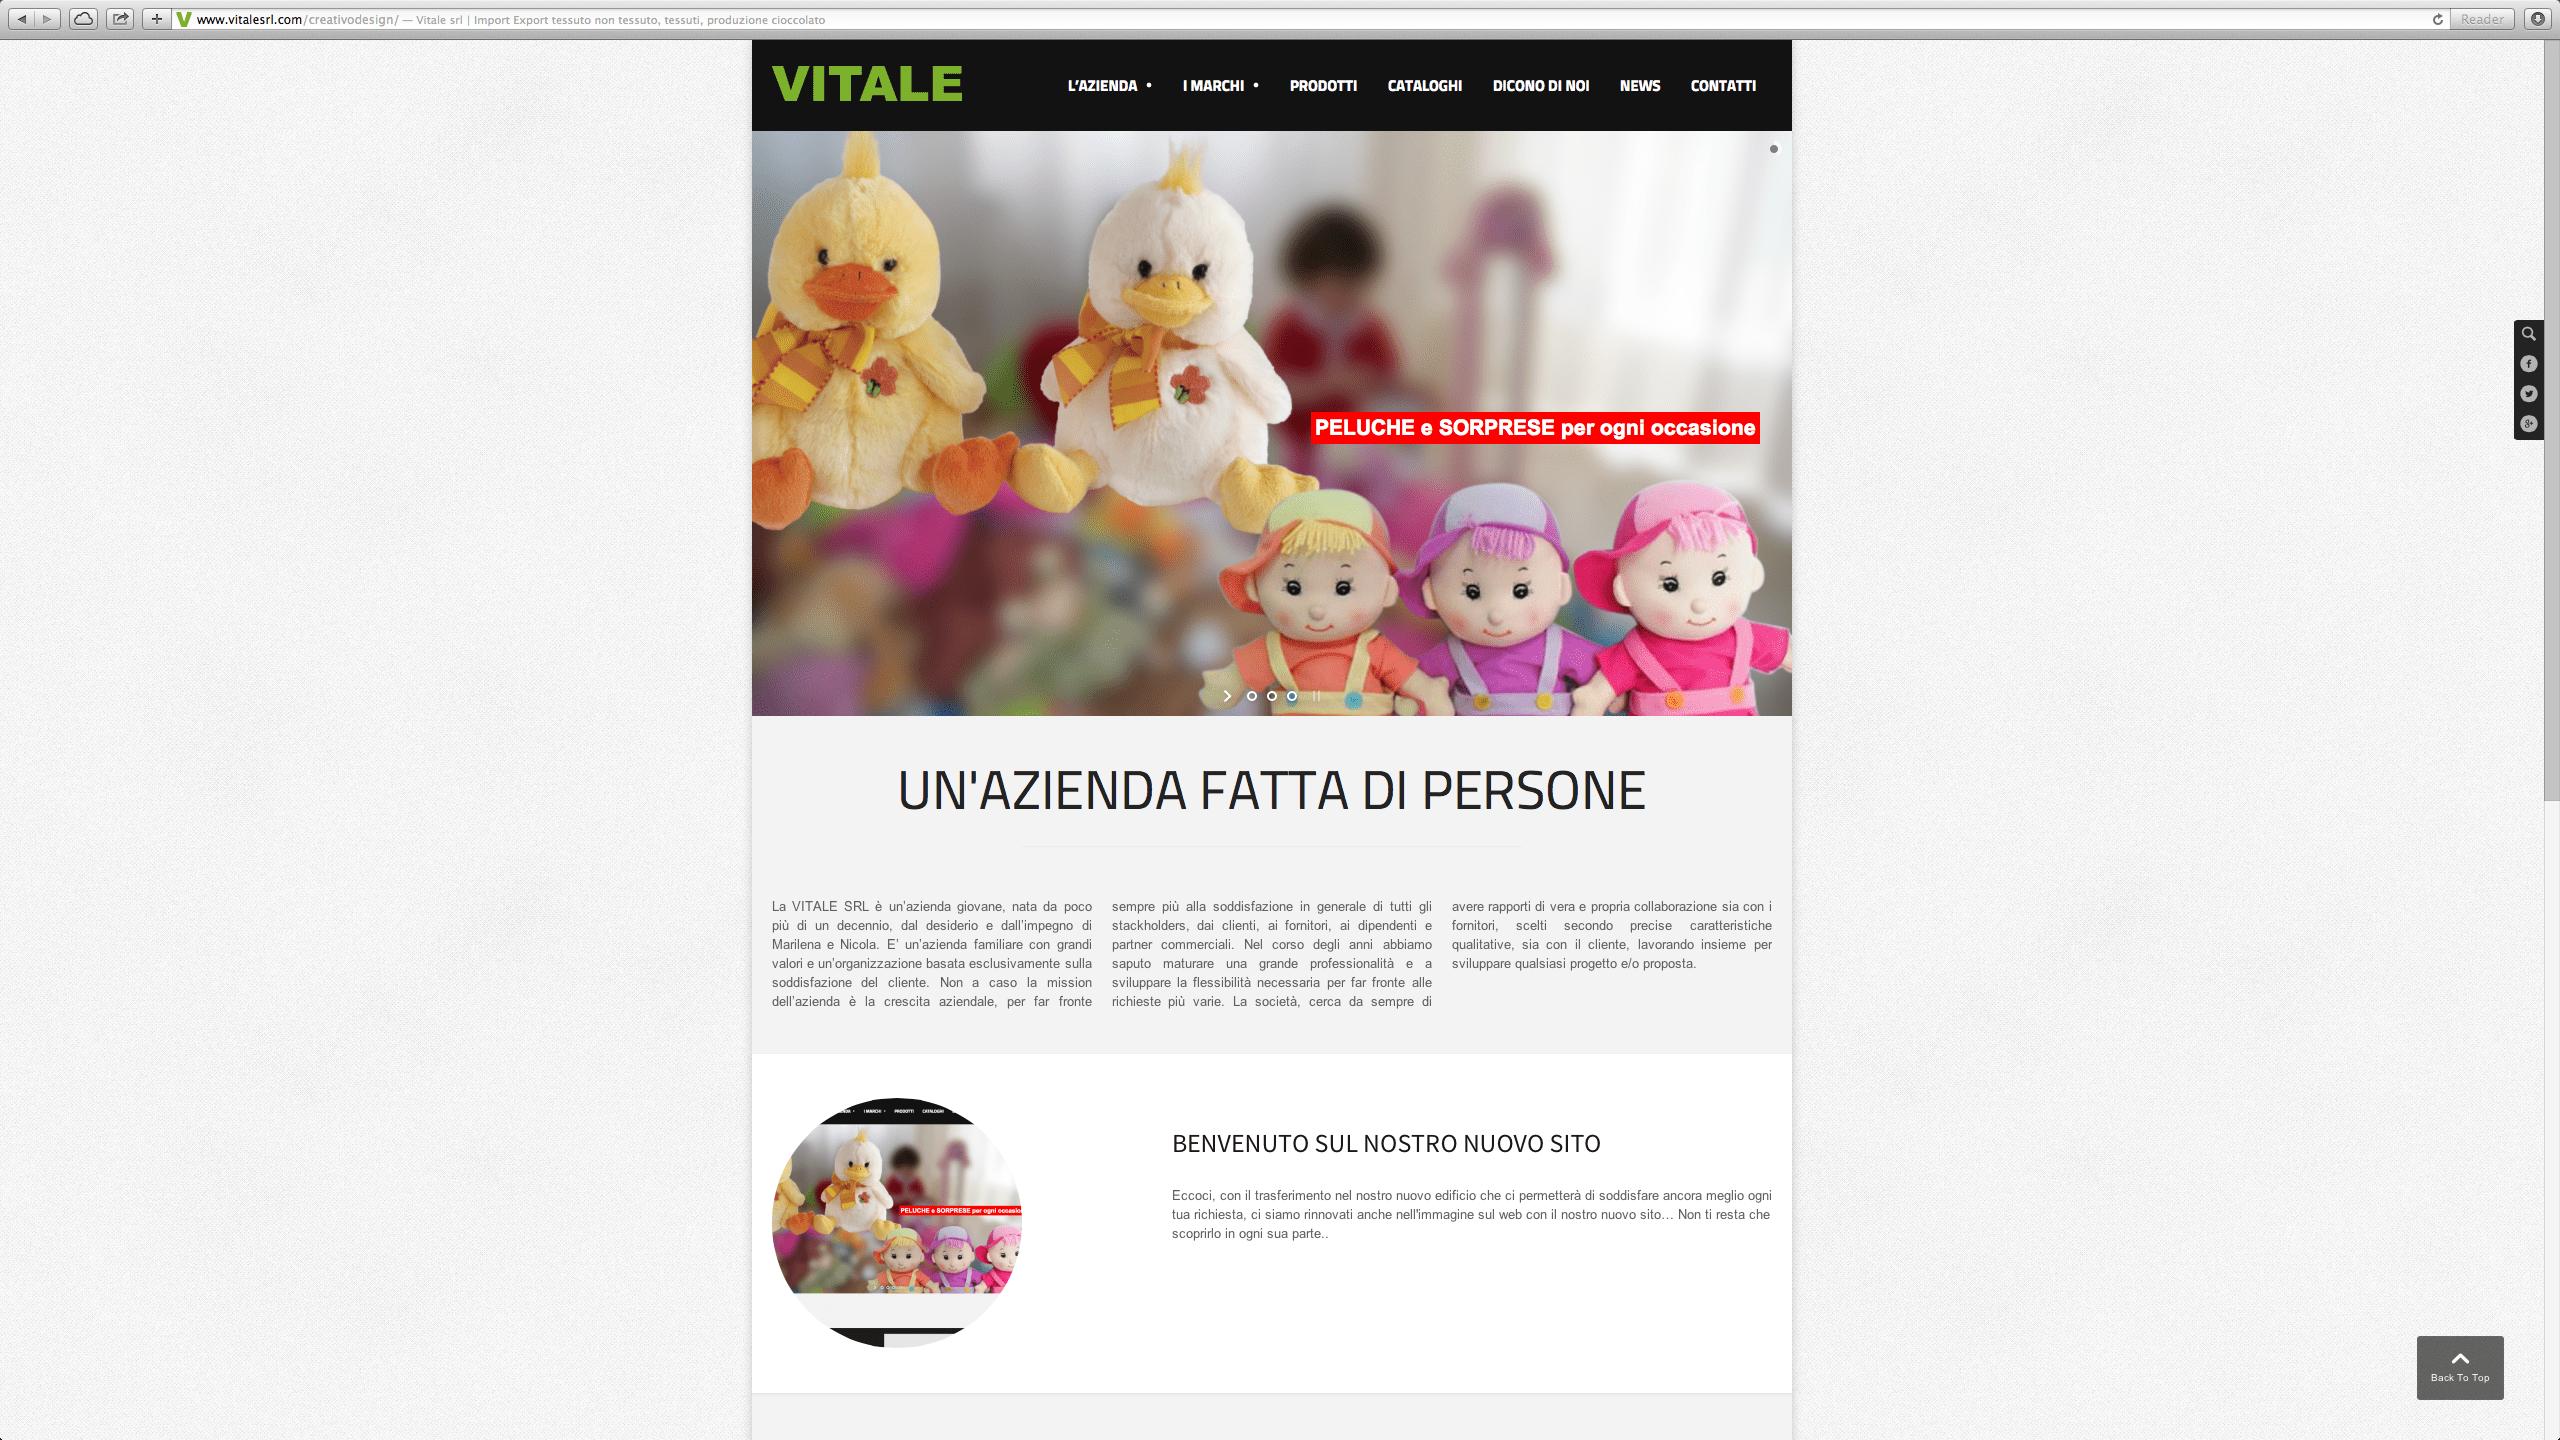 Sito Web – vitalesrl.com